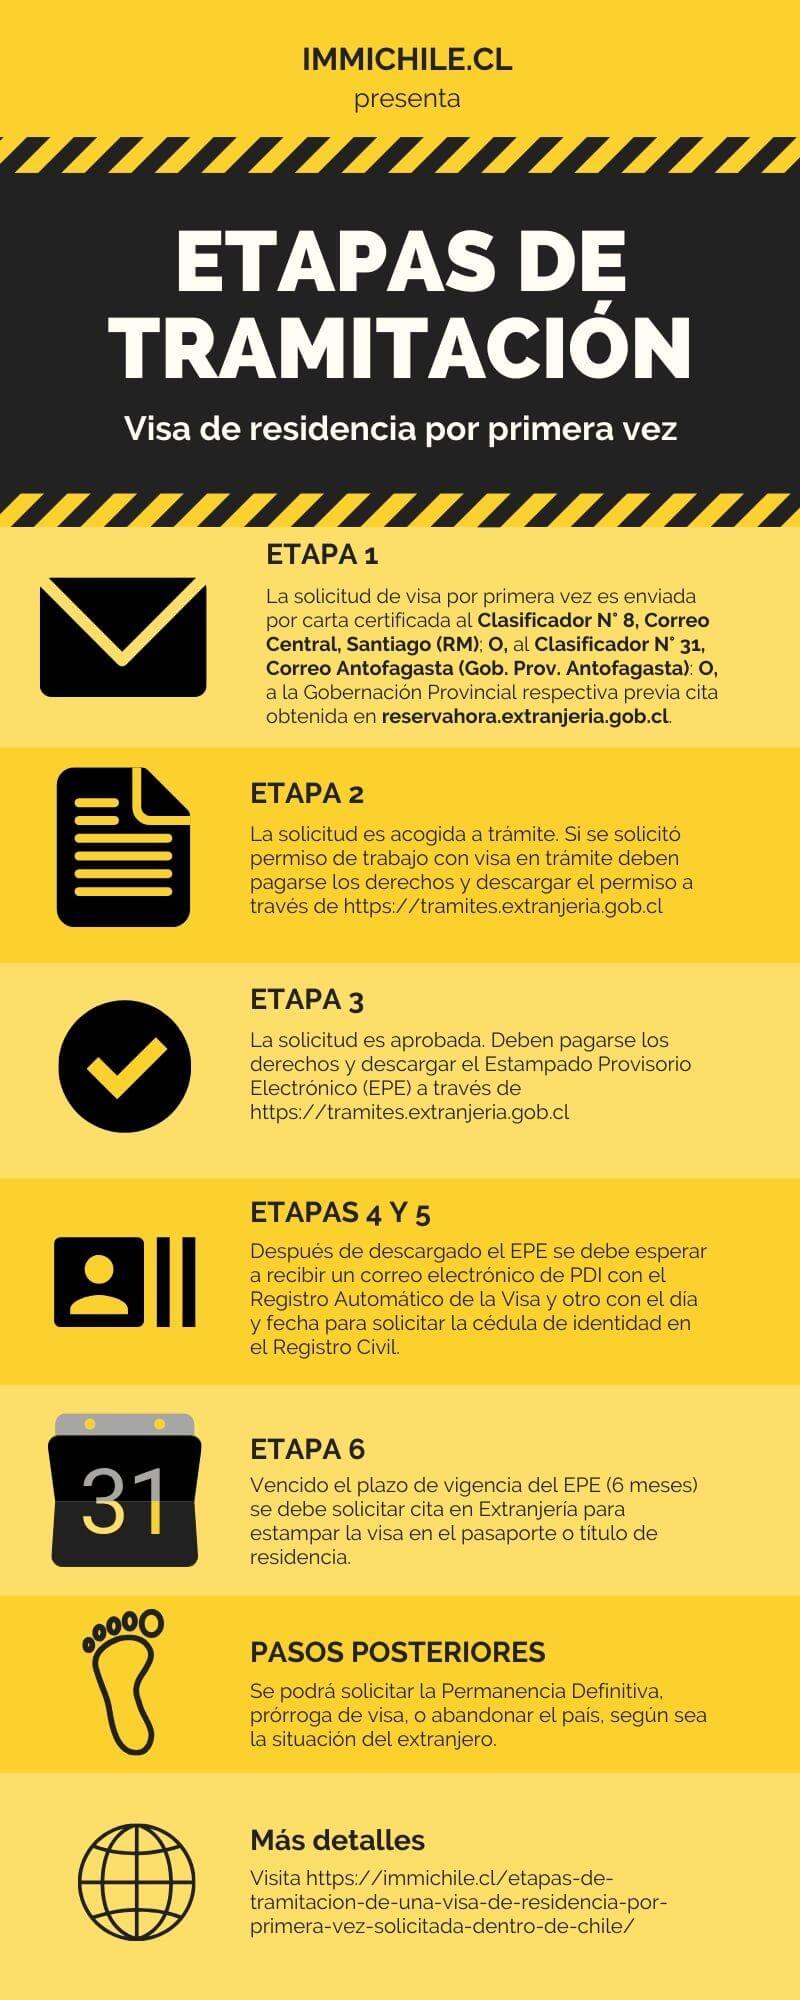 etapas de tramitación solicitud de visa de residencia por primera vez en chile immichile